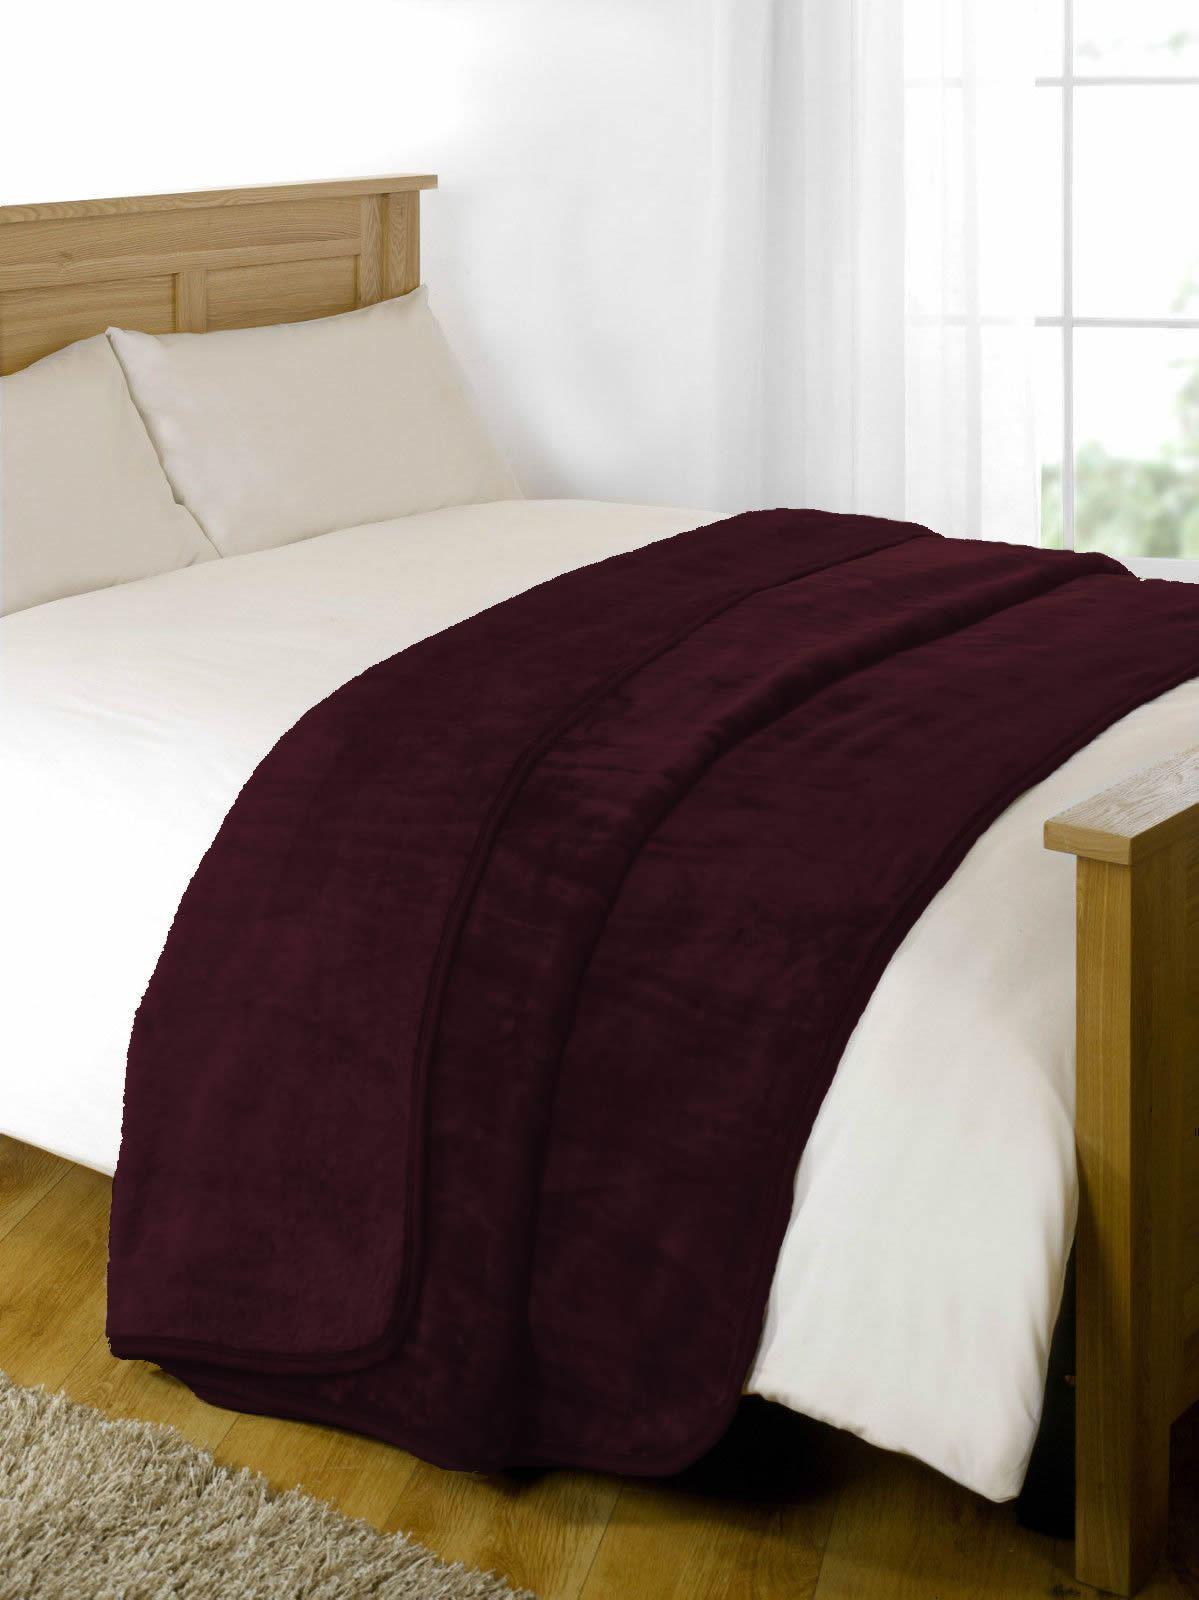 Large Faux Fur Blanket Luxury Soft Warm Heavy Mink Fleece